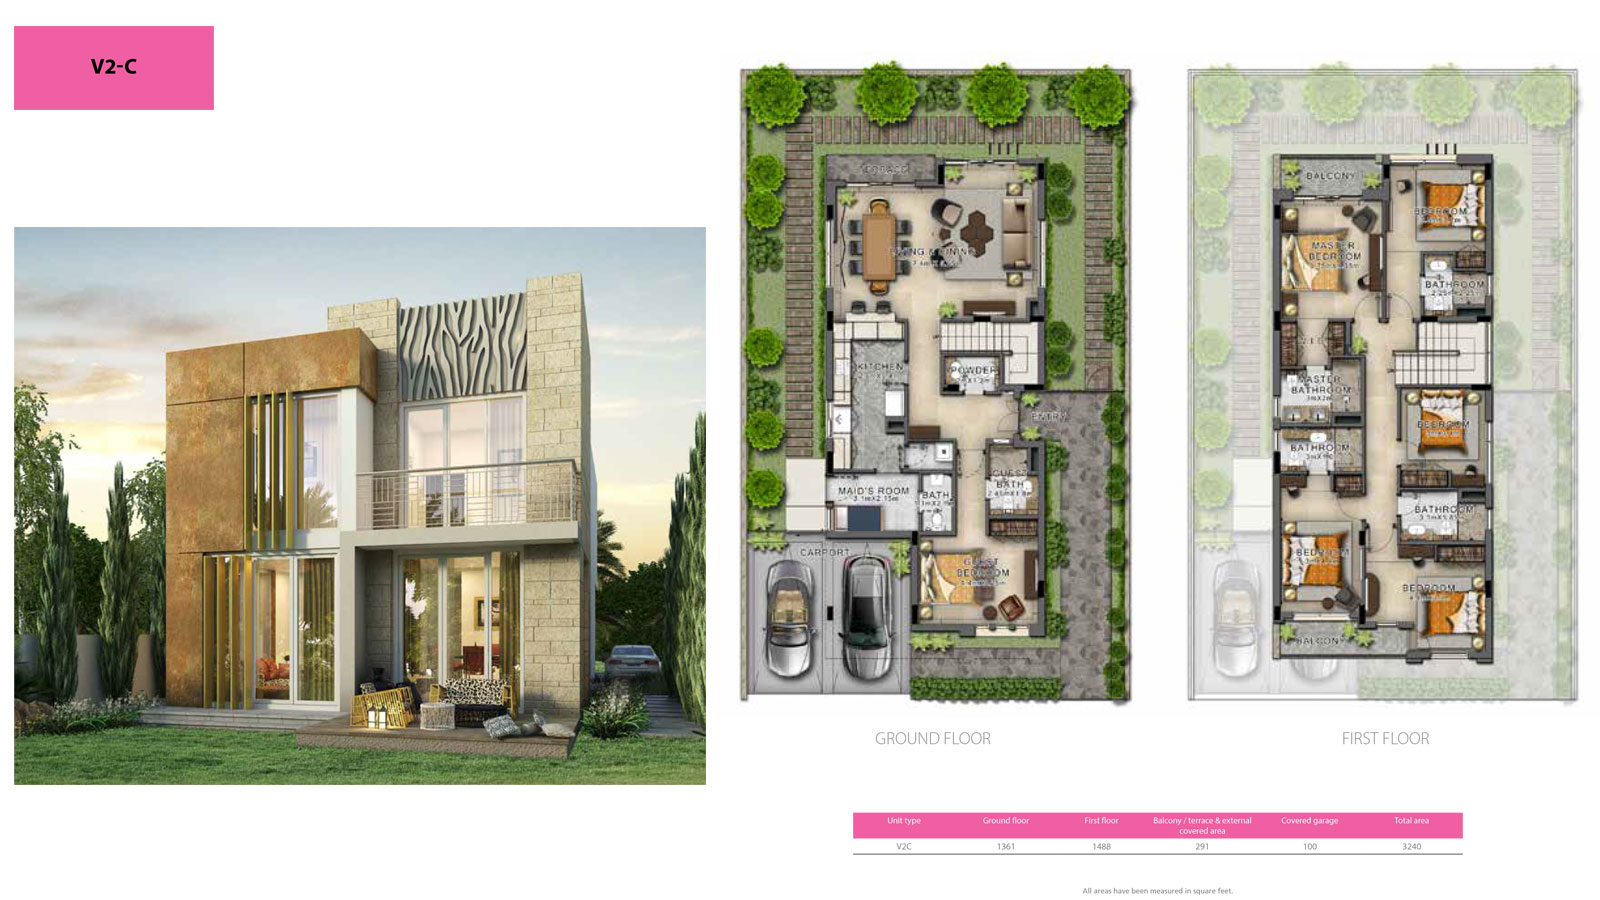 3 Bedroom Villa, Size 3240 sq ft